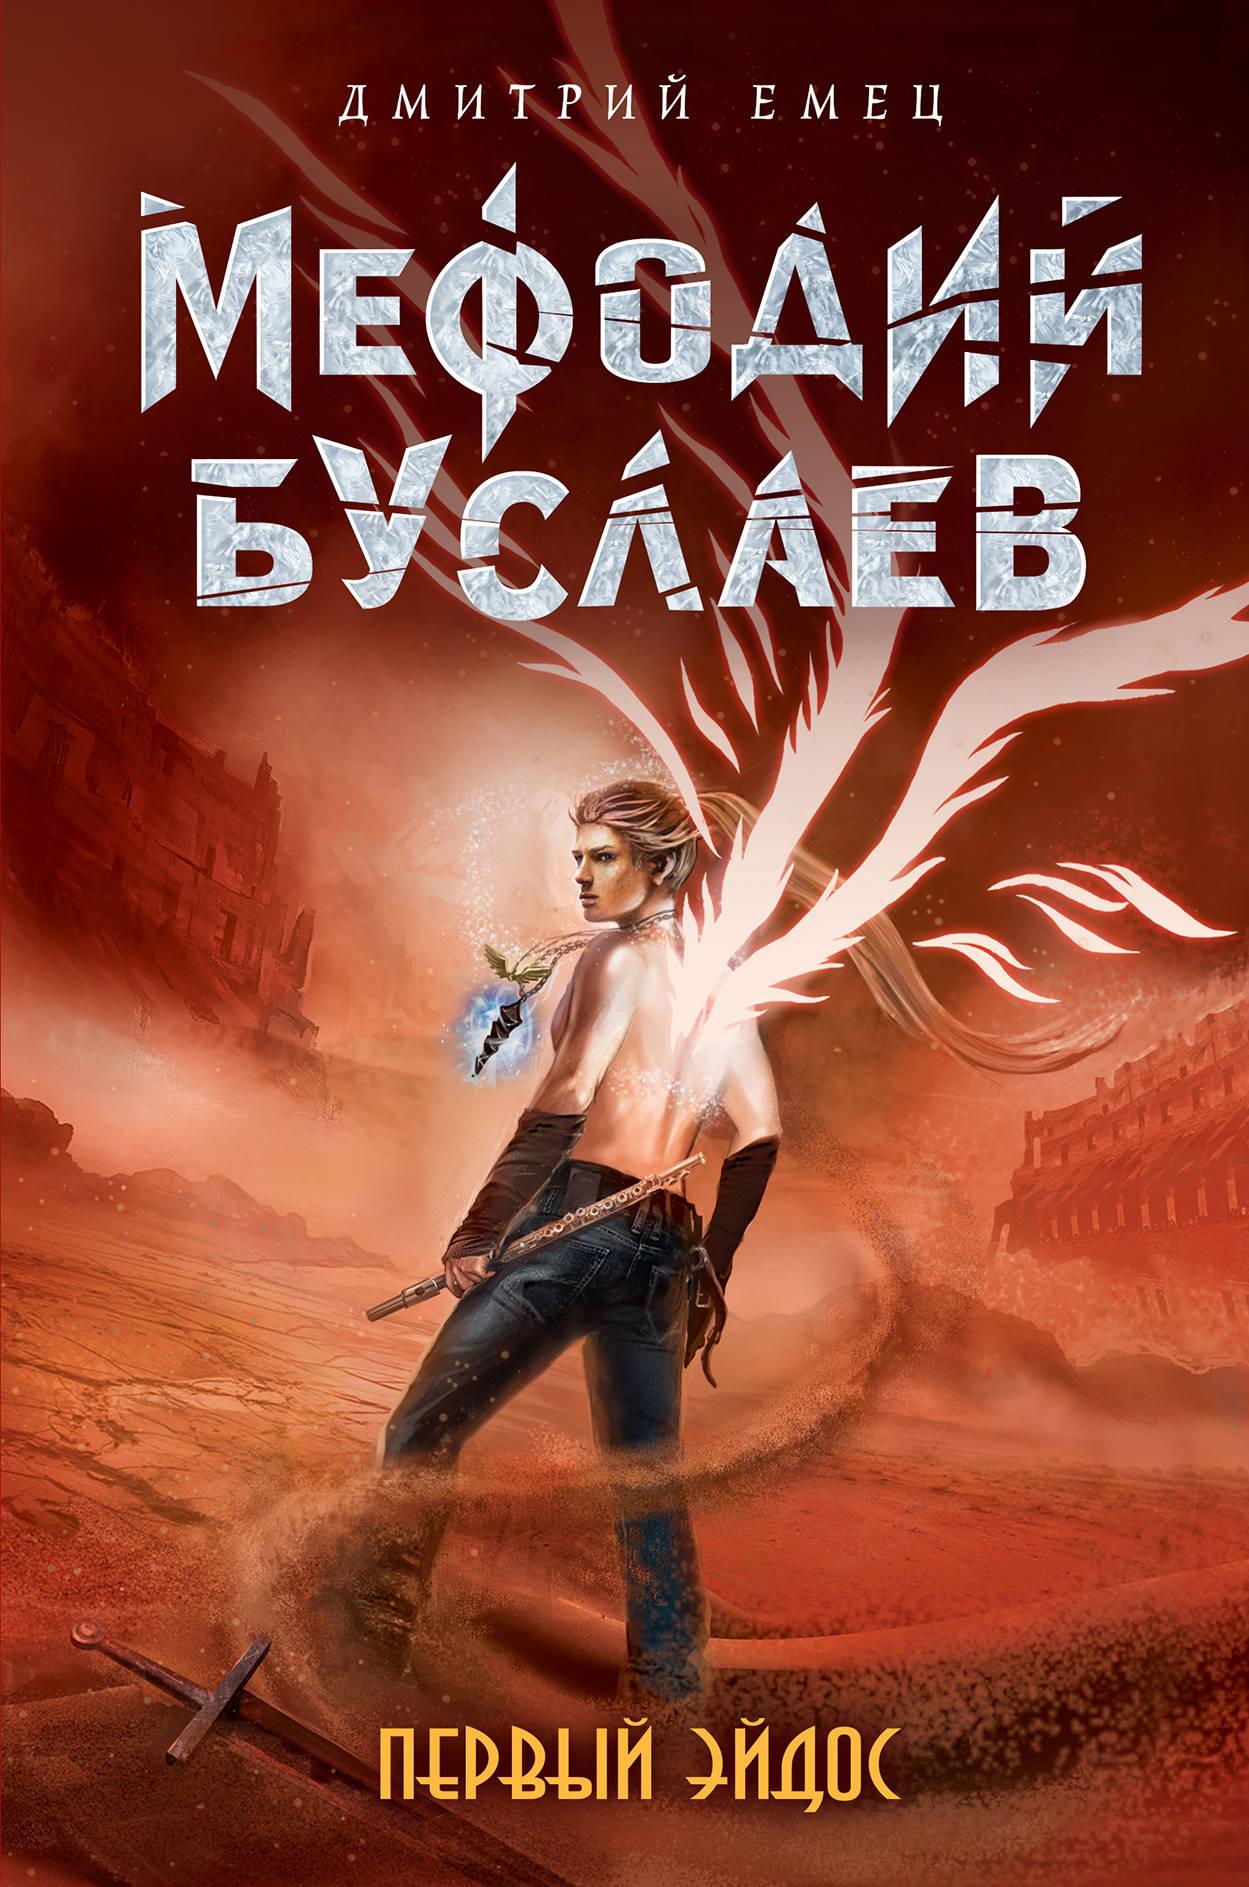 Дмитрий Емец Первый эйдос